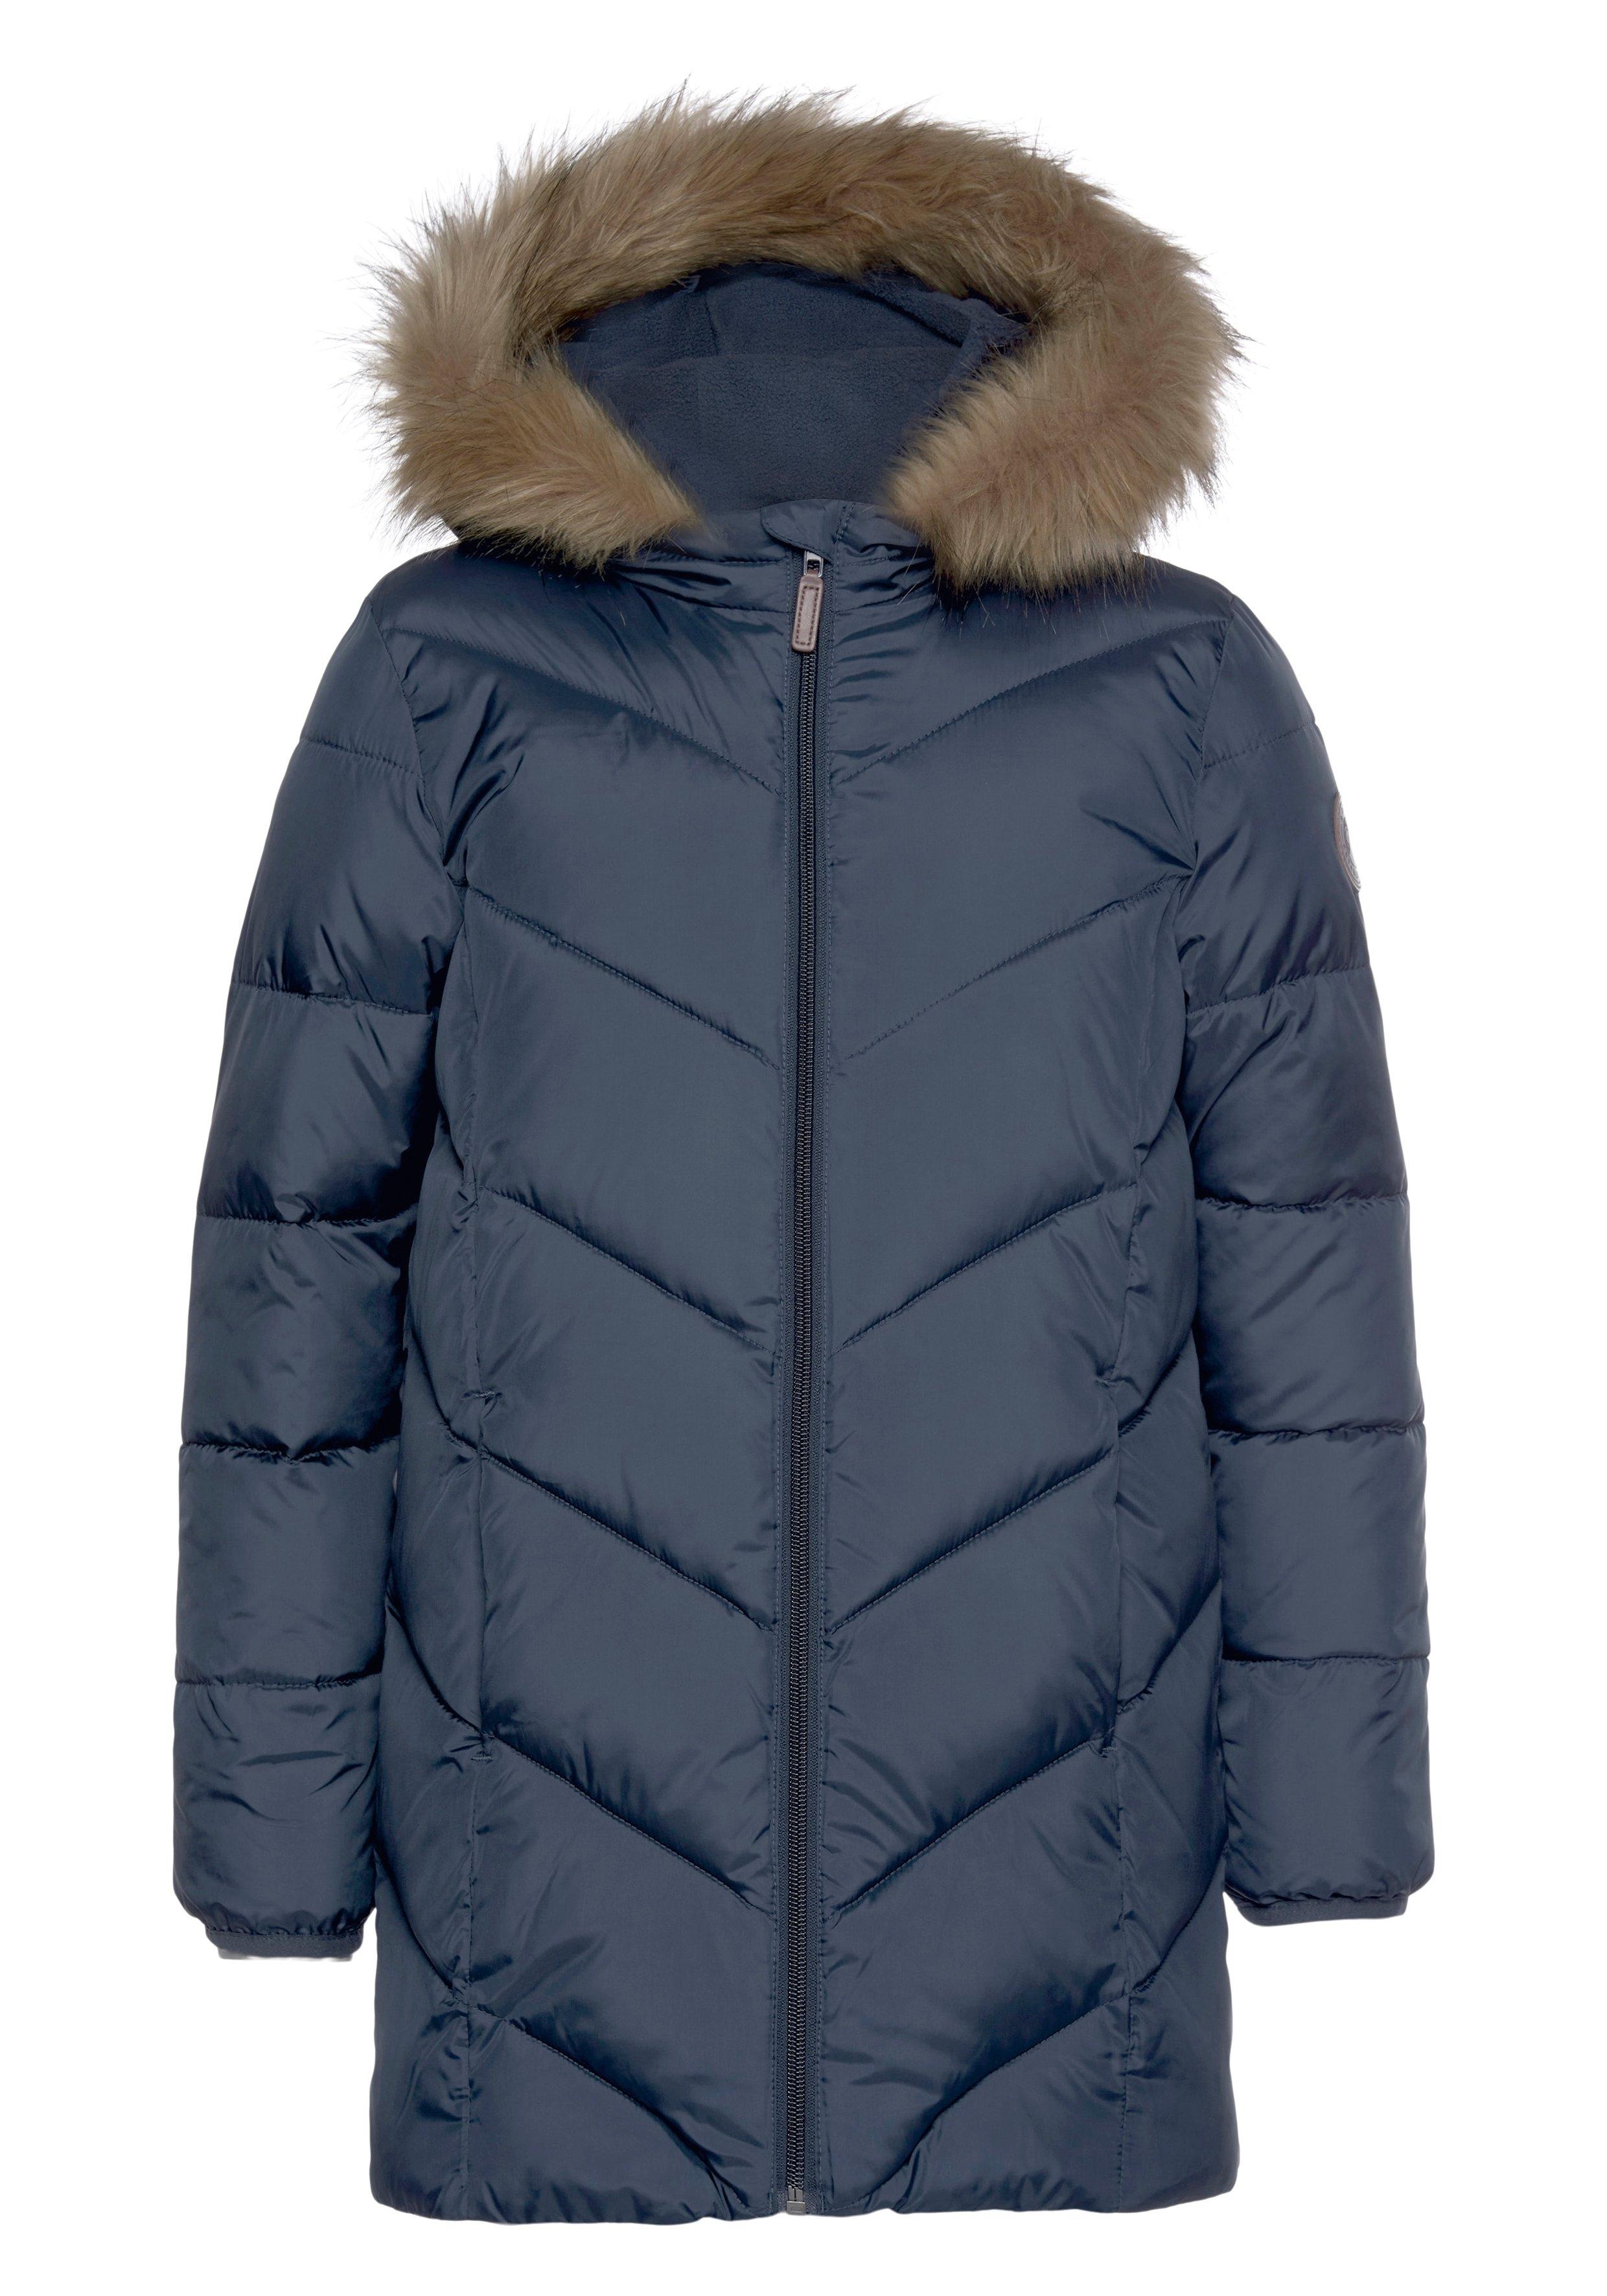 Roxy gewatteerde jas SOME SAY nu online bestellen